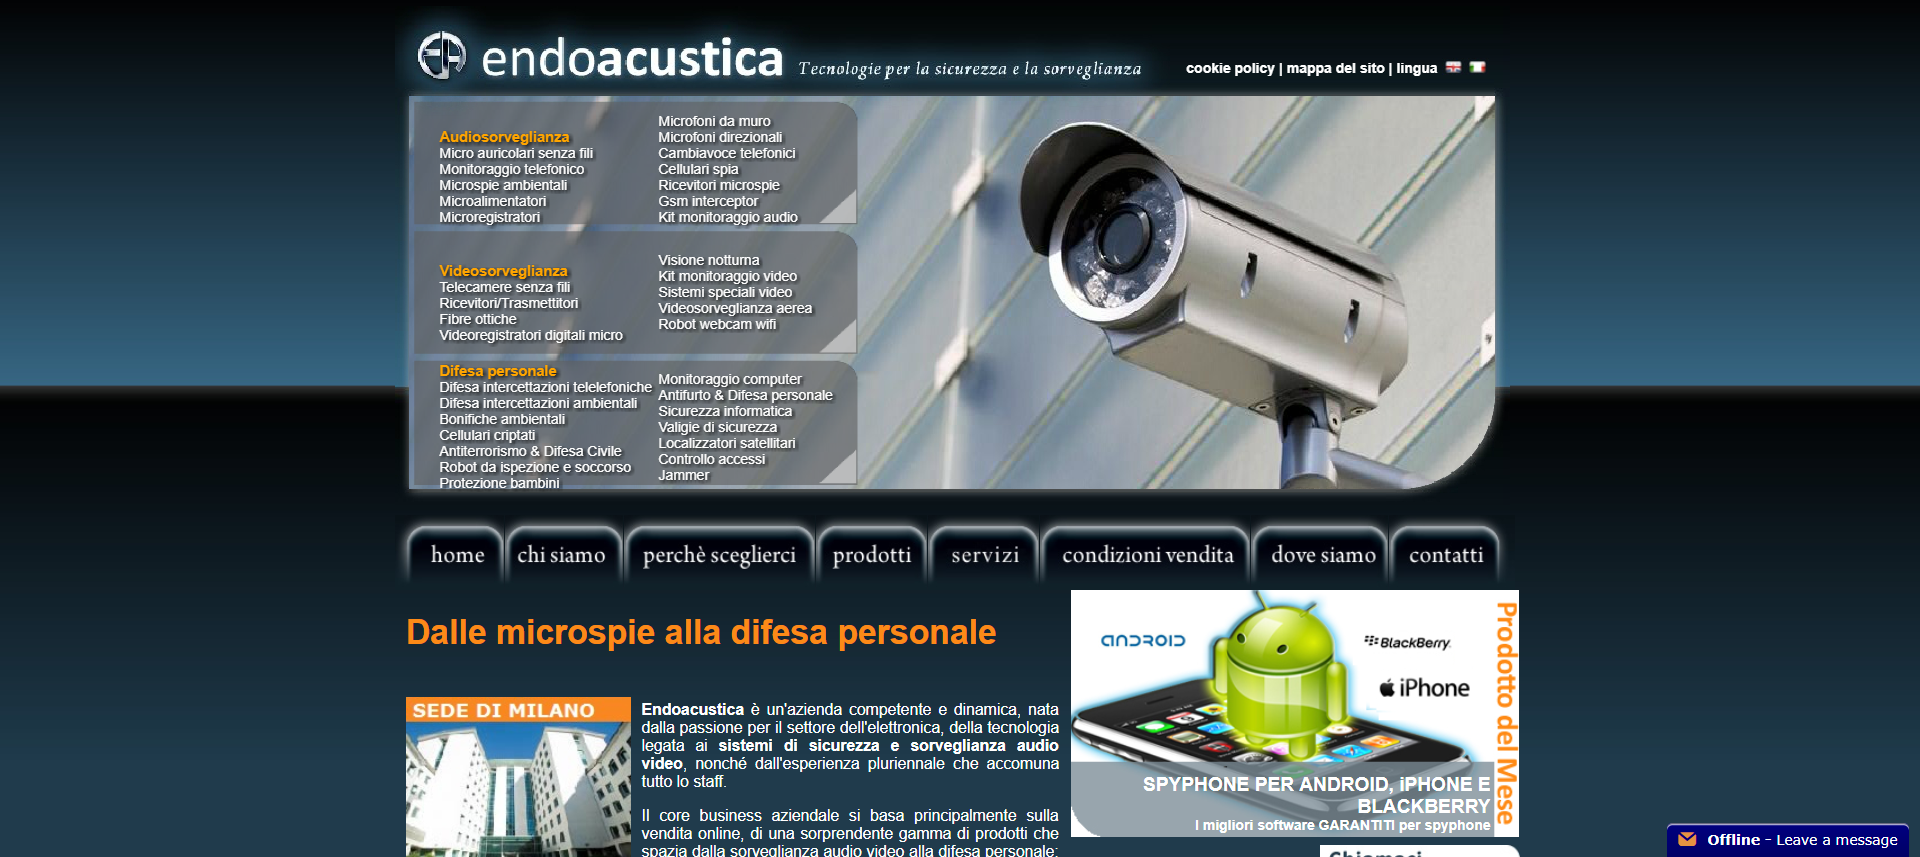 endoacustica-europe